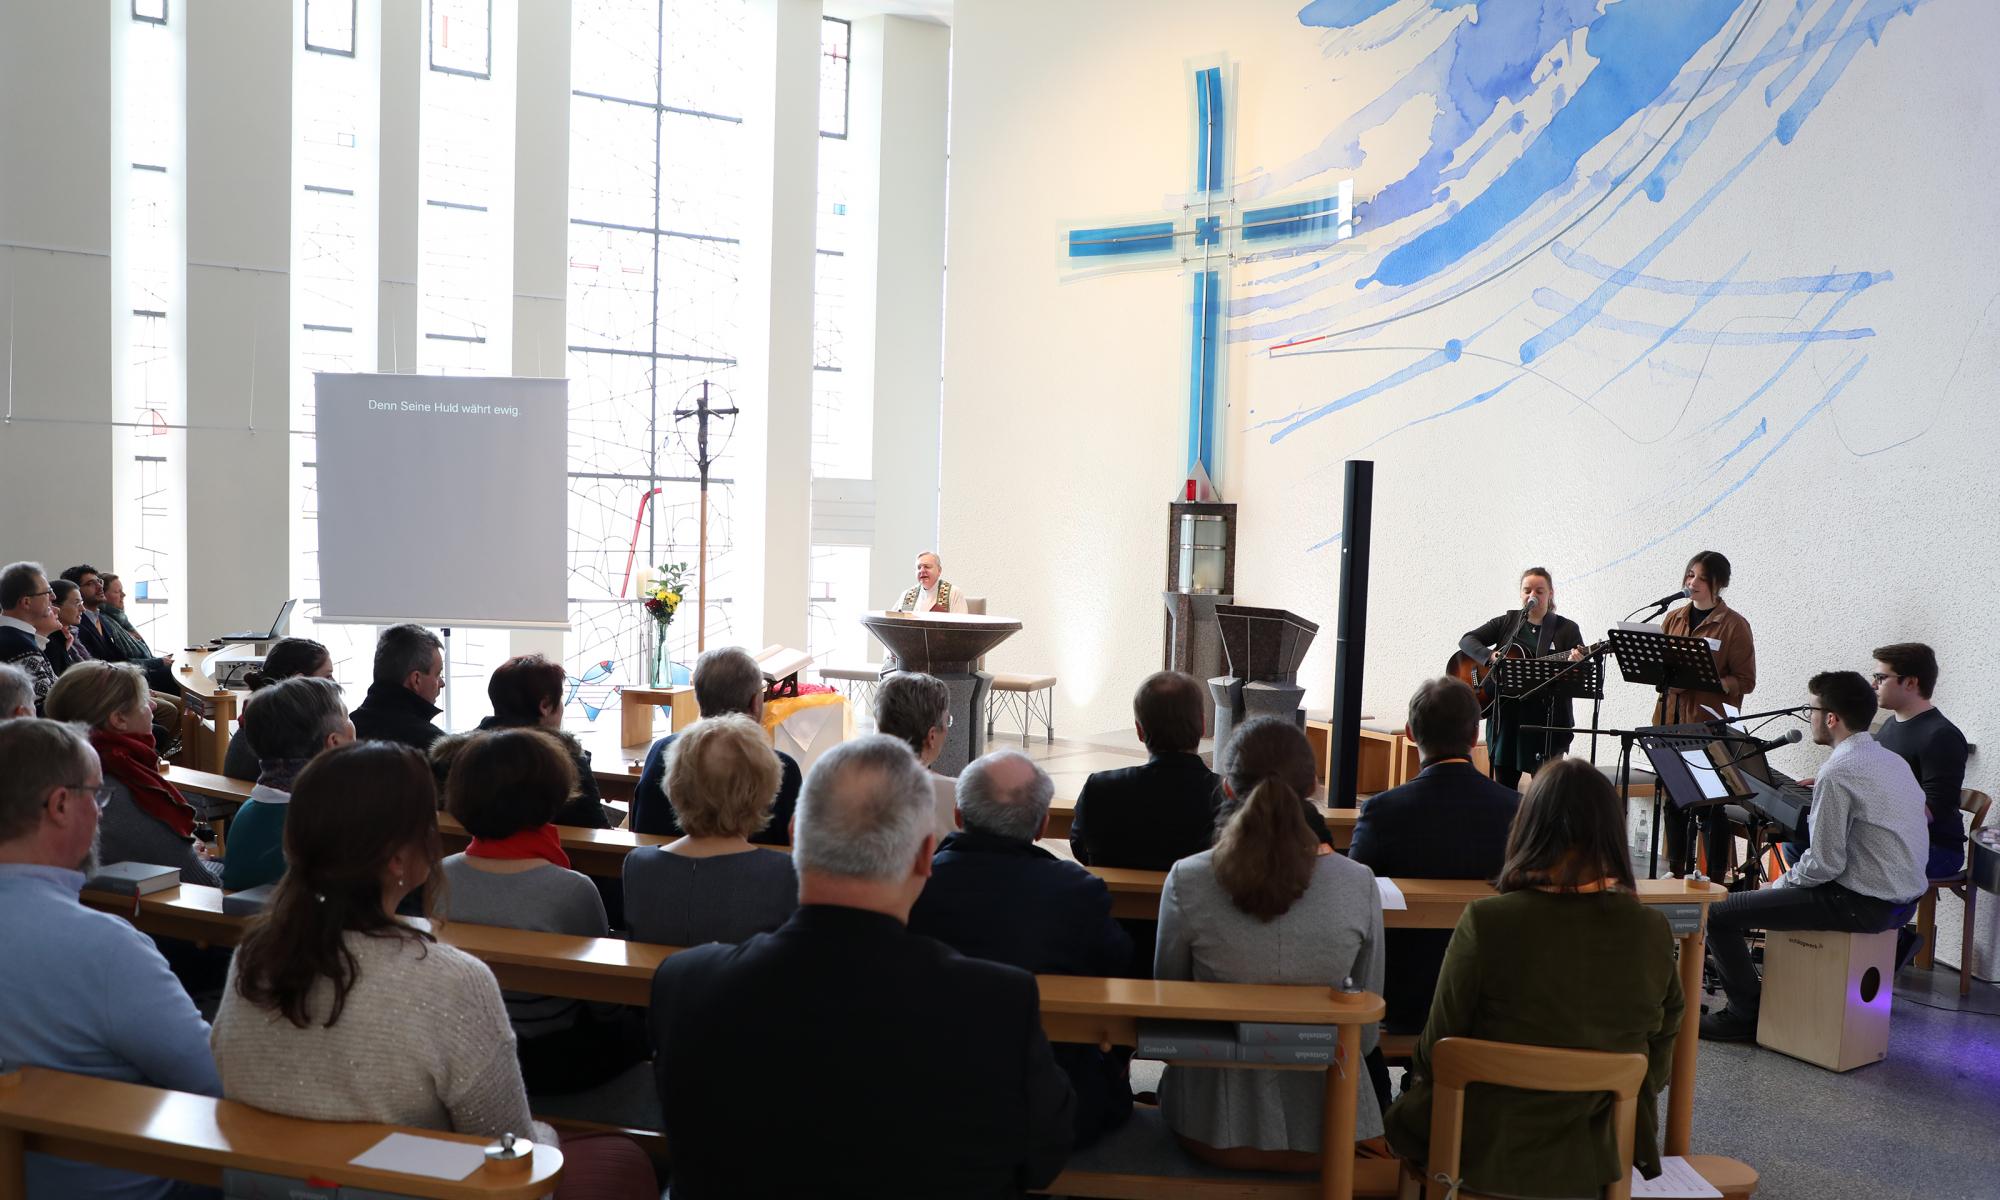 200208 Studientag Neuevangelisierung foto3